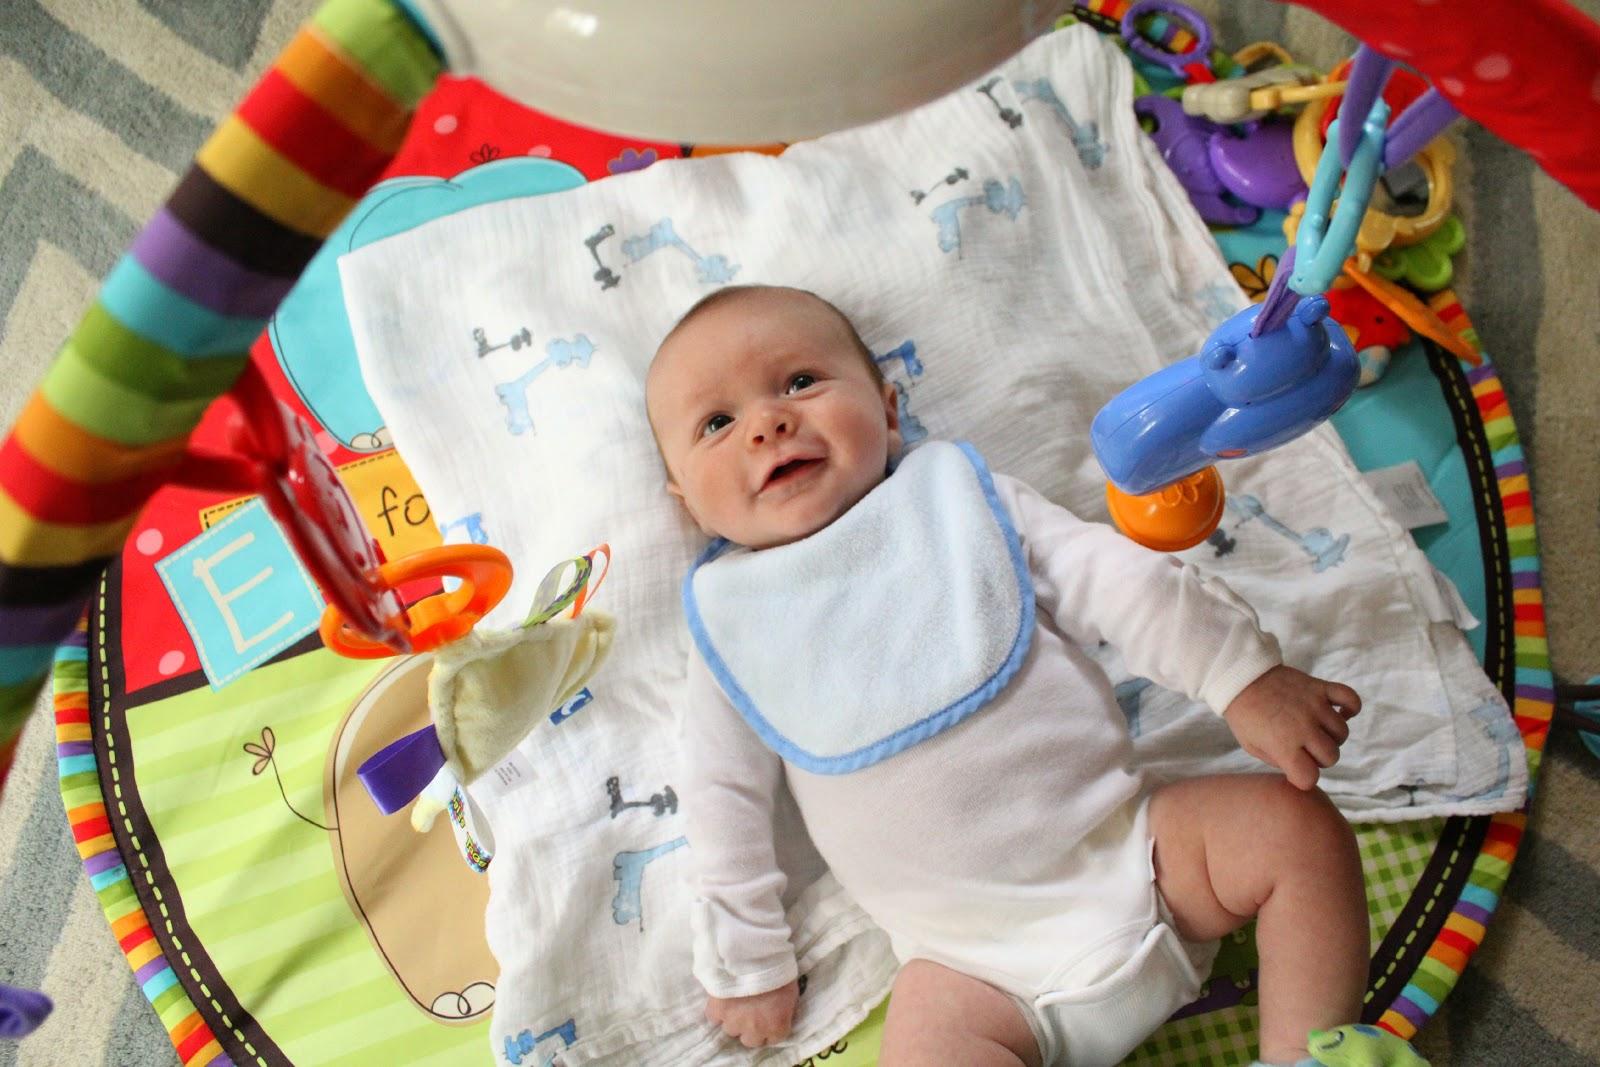 Crib gym for babies - Crib Gym For Babies 3